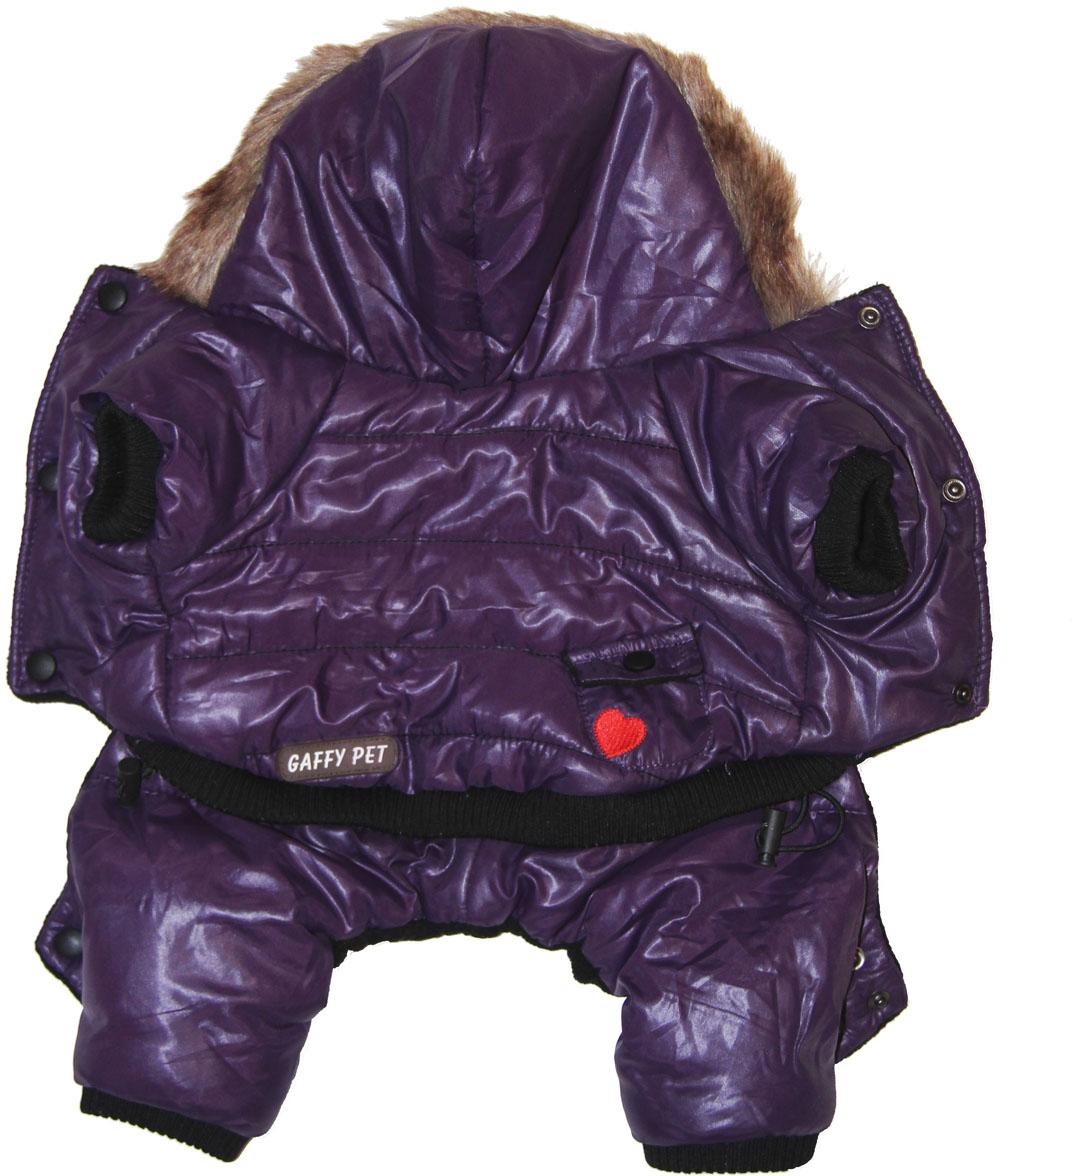 """Комбинезон для собак Gaffy Pet """"Heart"""", зимний, для мальчика, цвет: фиолетовый. Размер M"""